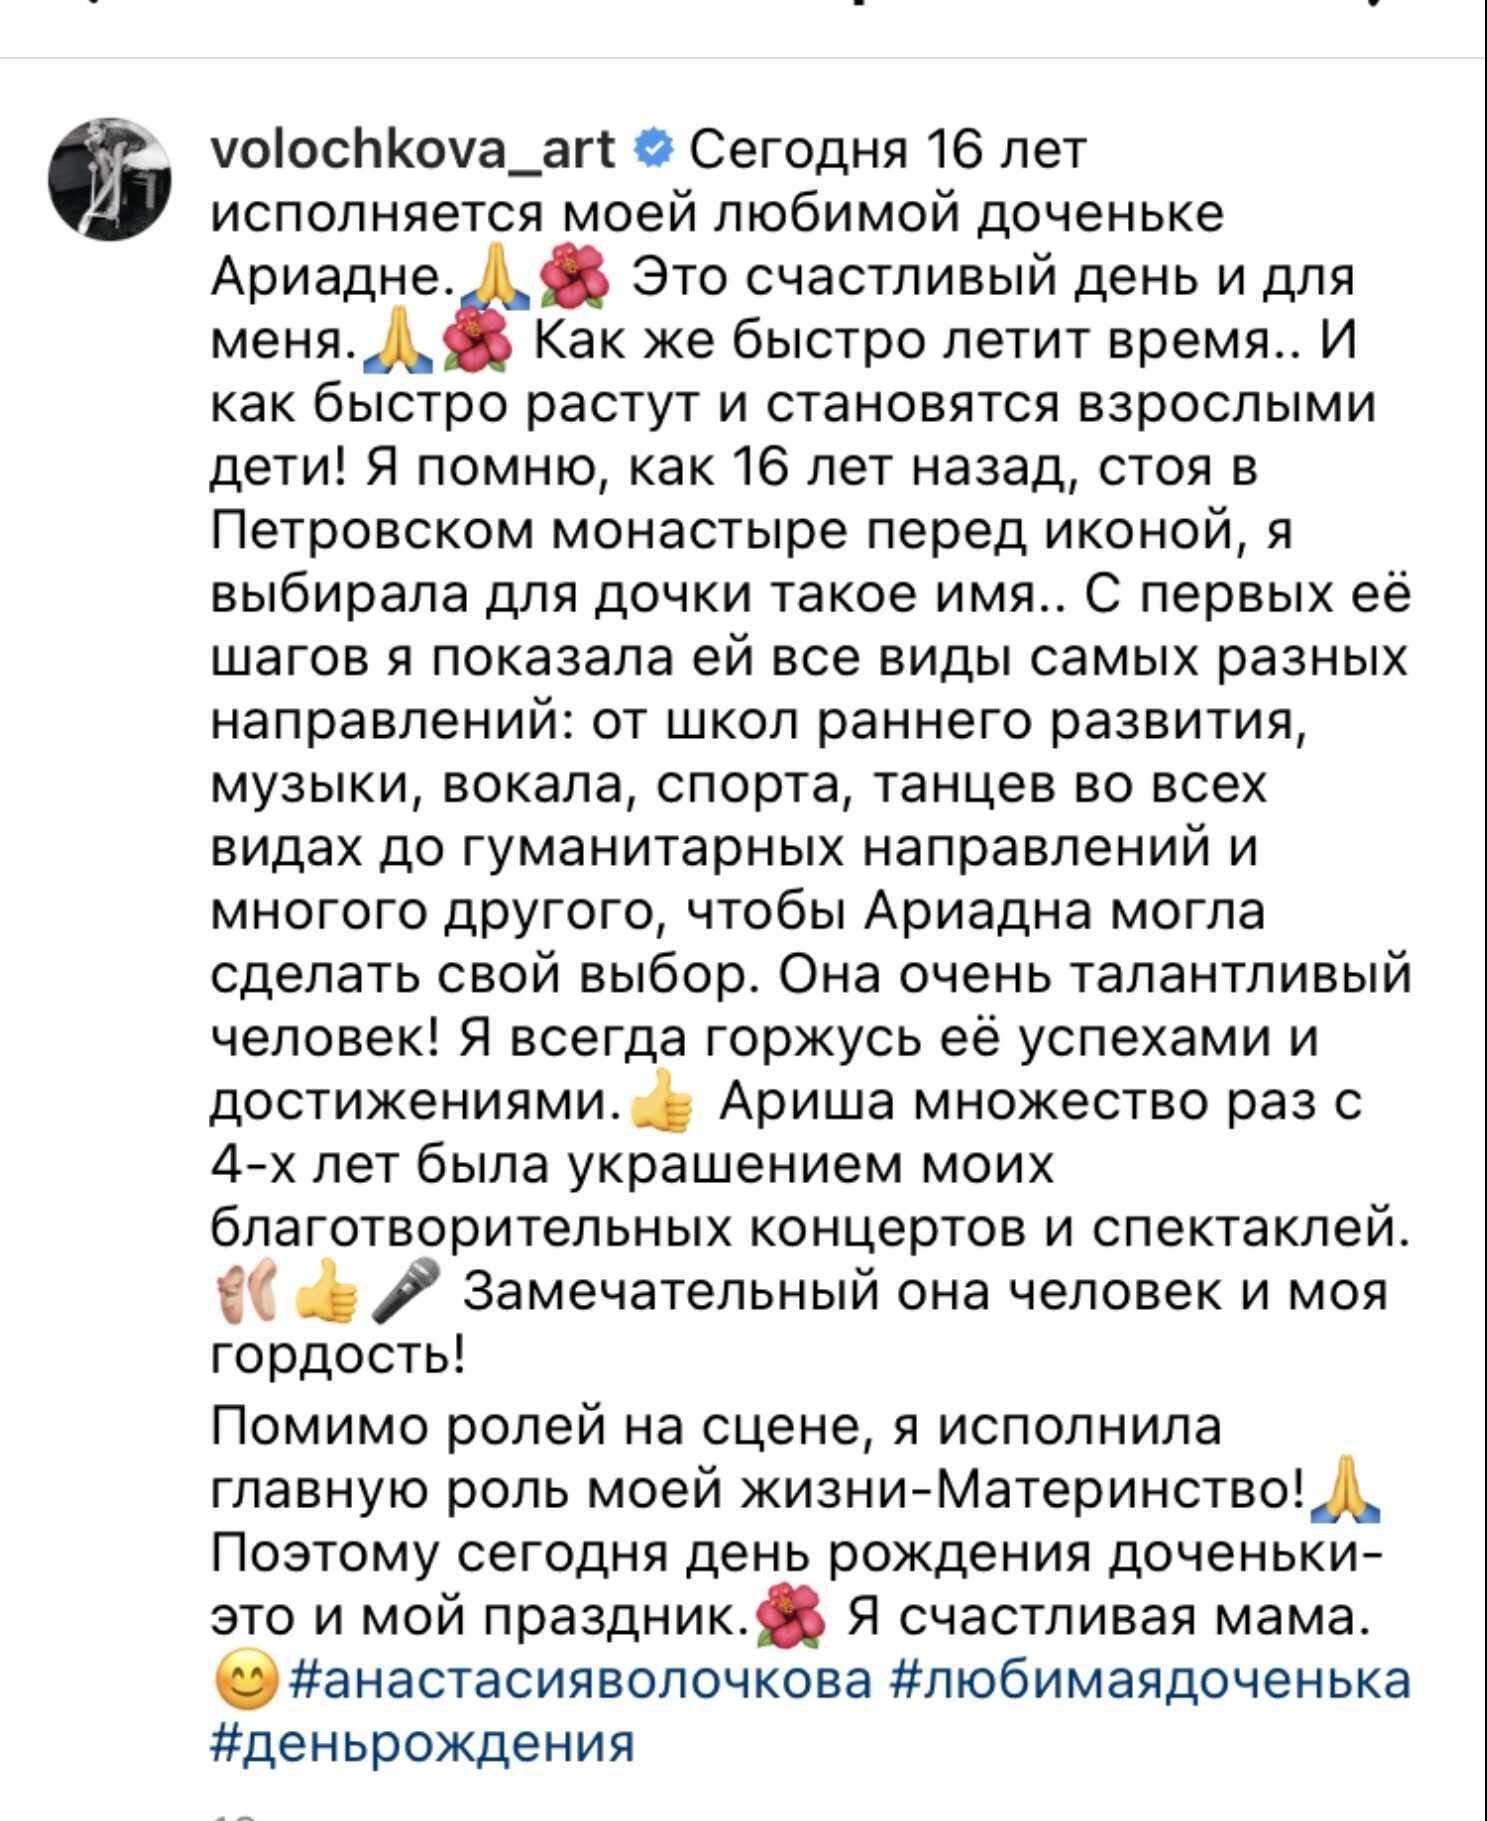 """""""Горжусь"""": Анастасия Волочкова поздравила дочь с днем рождения"""